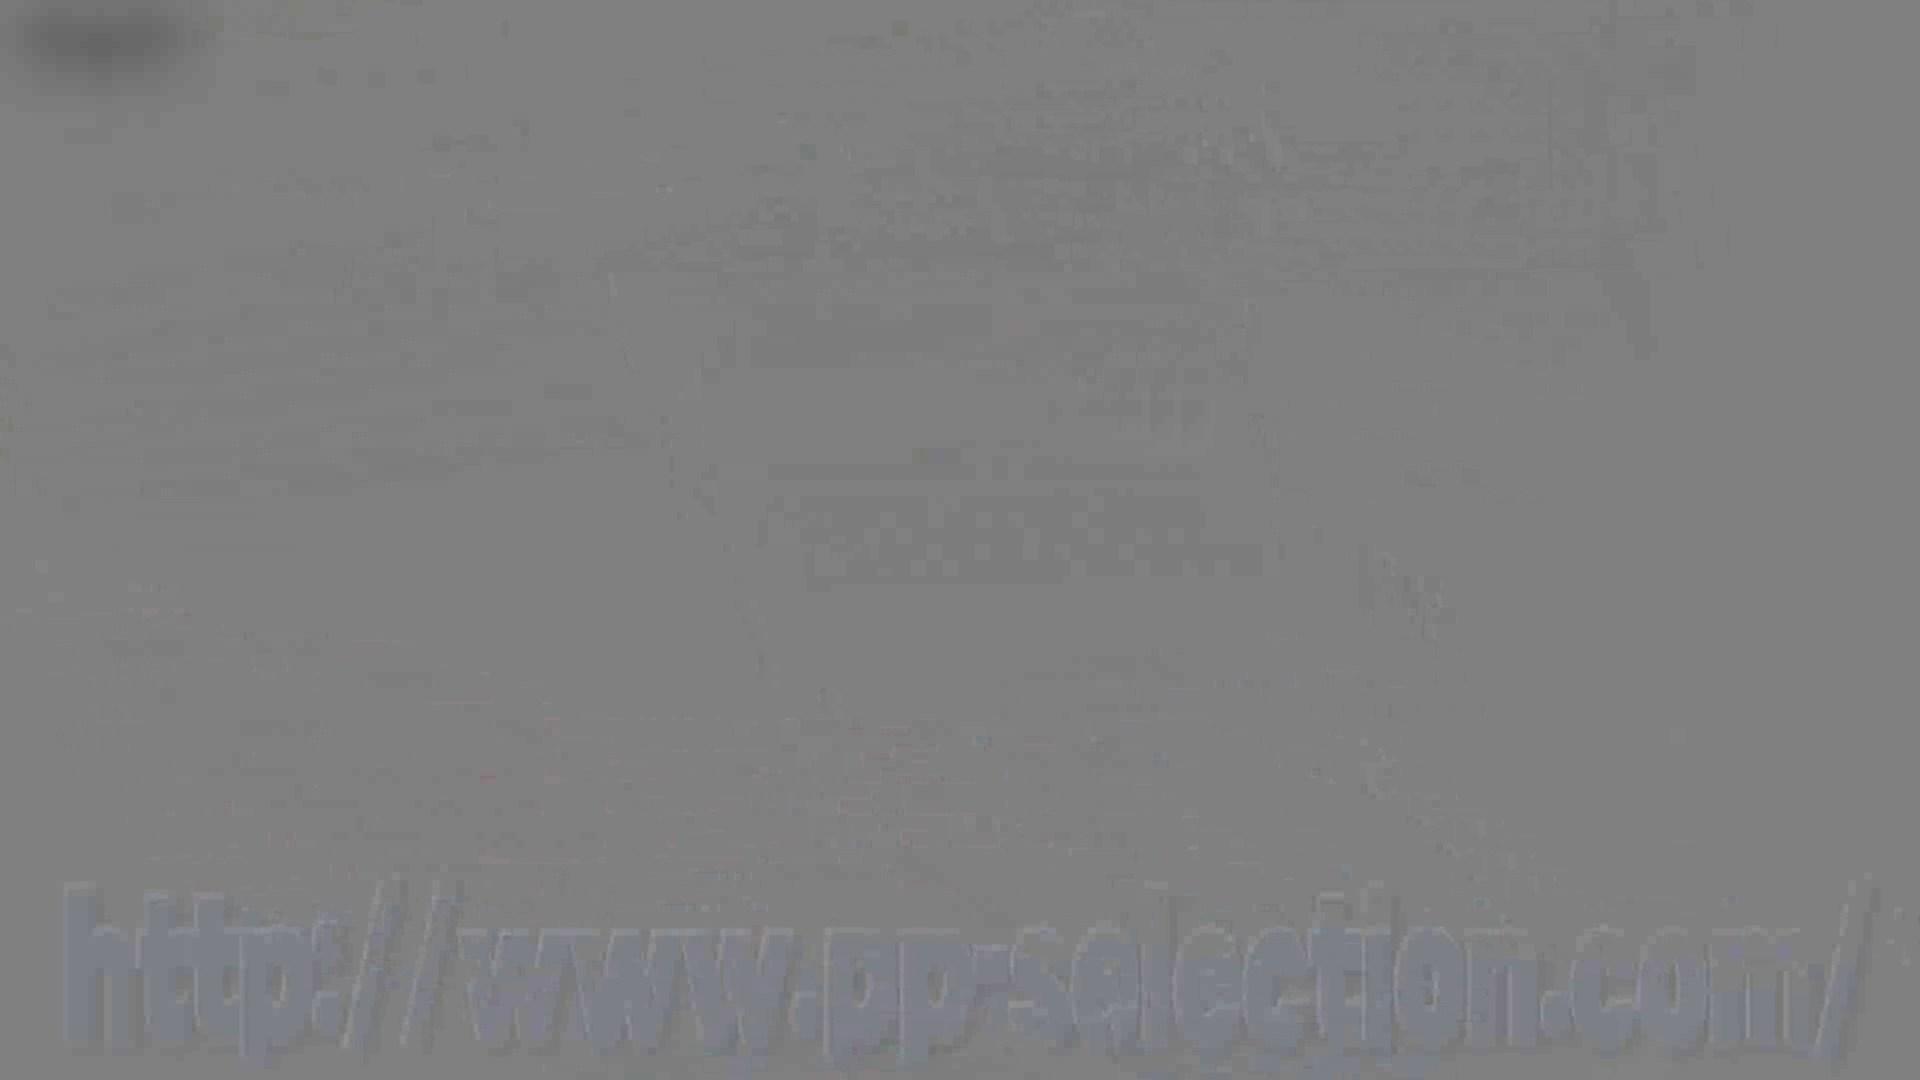 なんだこれ!! Vol.08 遂に美女登場!! OLエロ画像 隠し撮りオマンコ動画紹介 94PICs 56